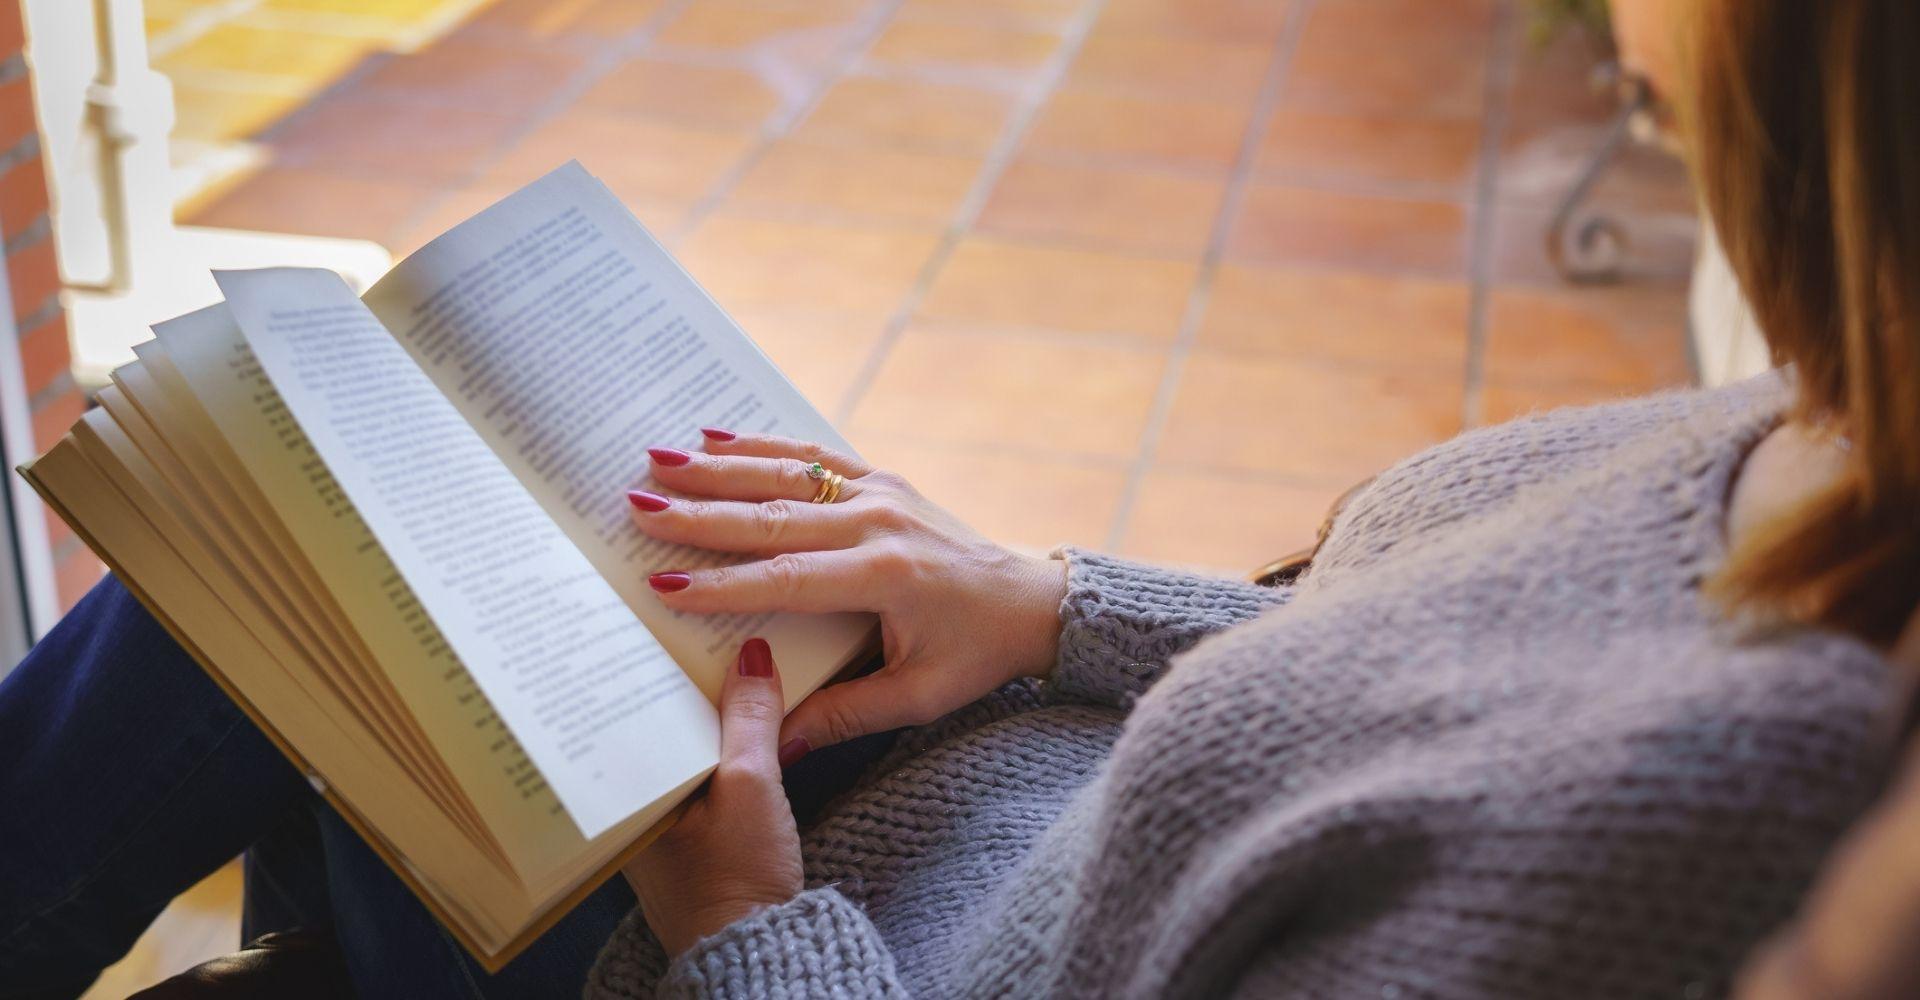 Libri: da Valérie Perrin a Javier Cercas, i bestseller del momento nel mondo